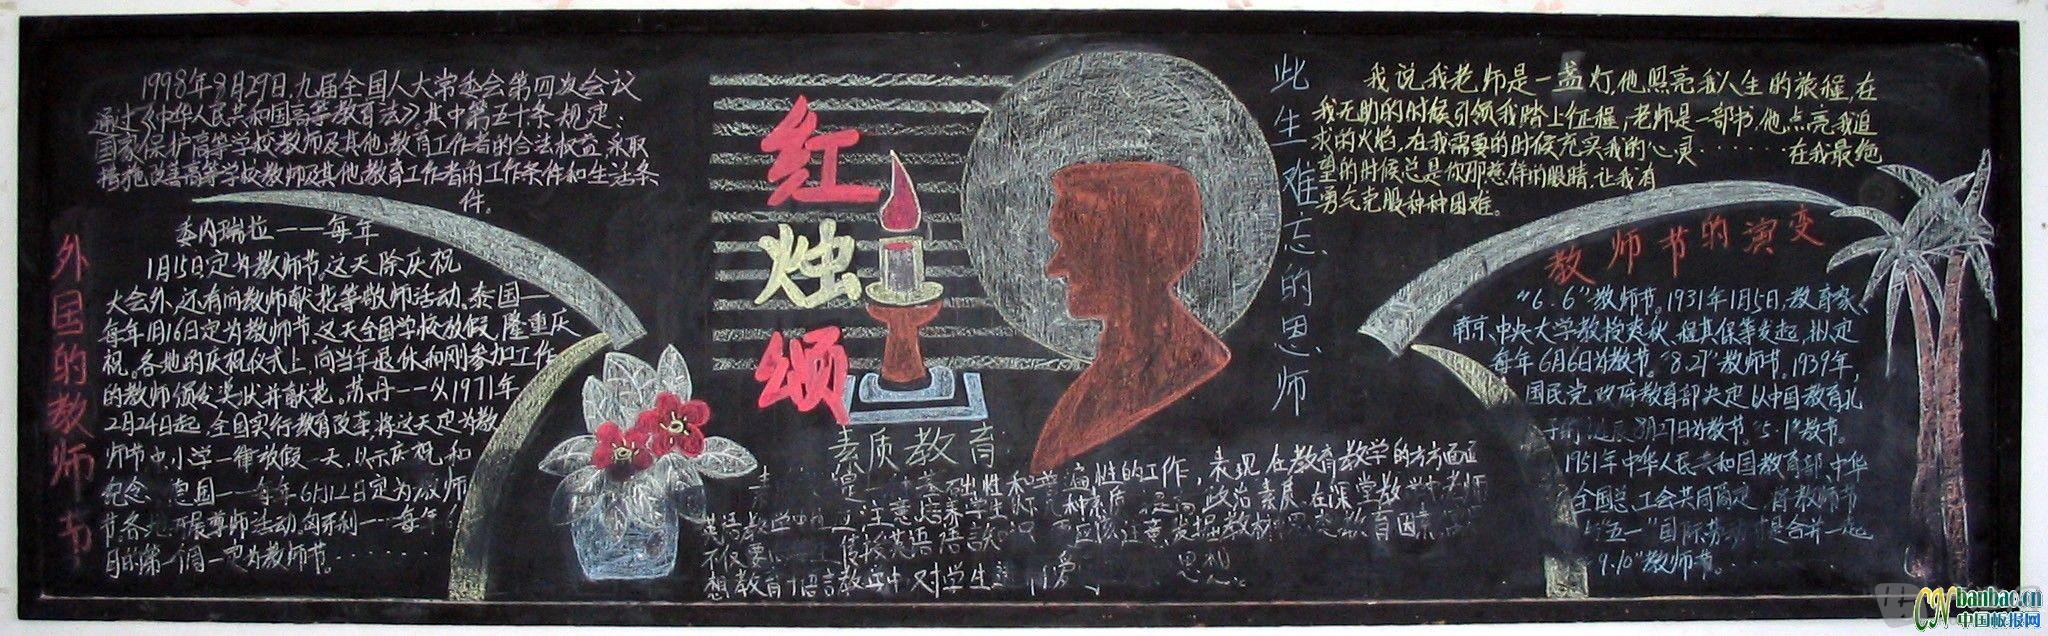 2014年教师节黑板报设计图片精选